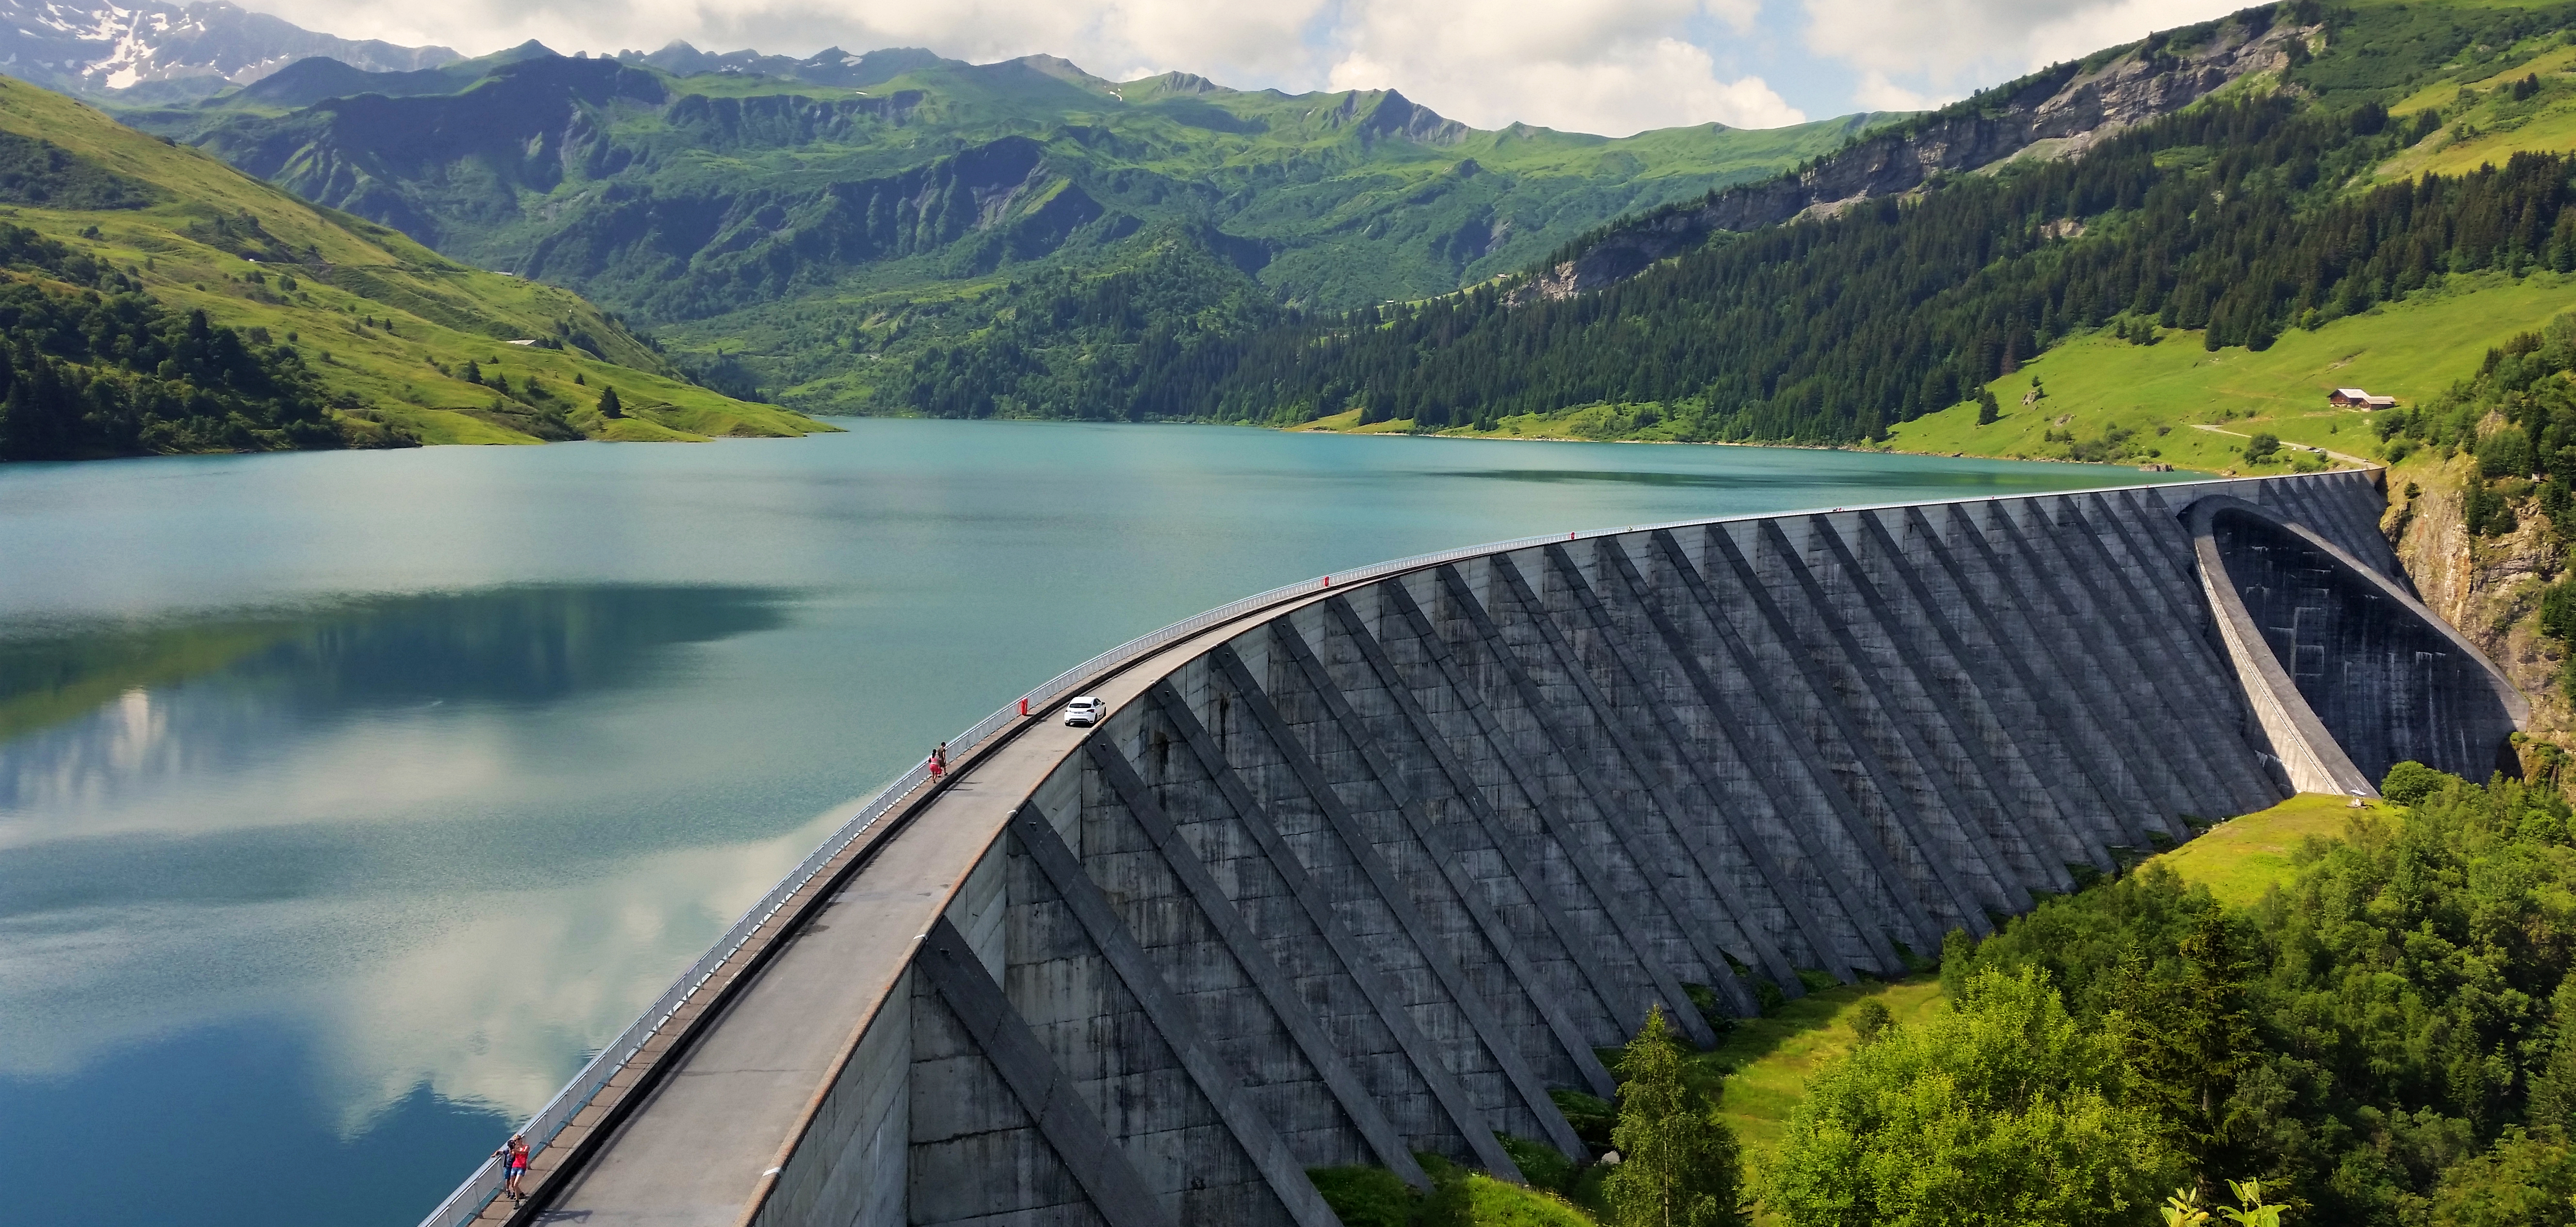 Savoie's dam